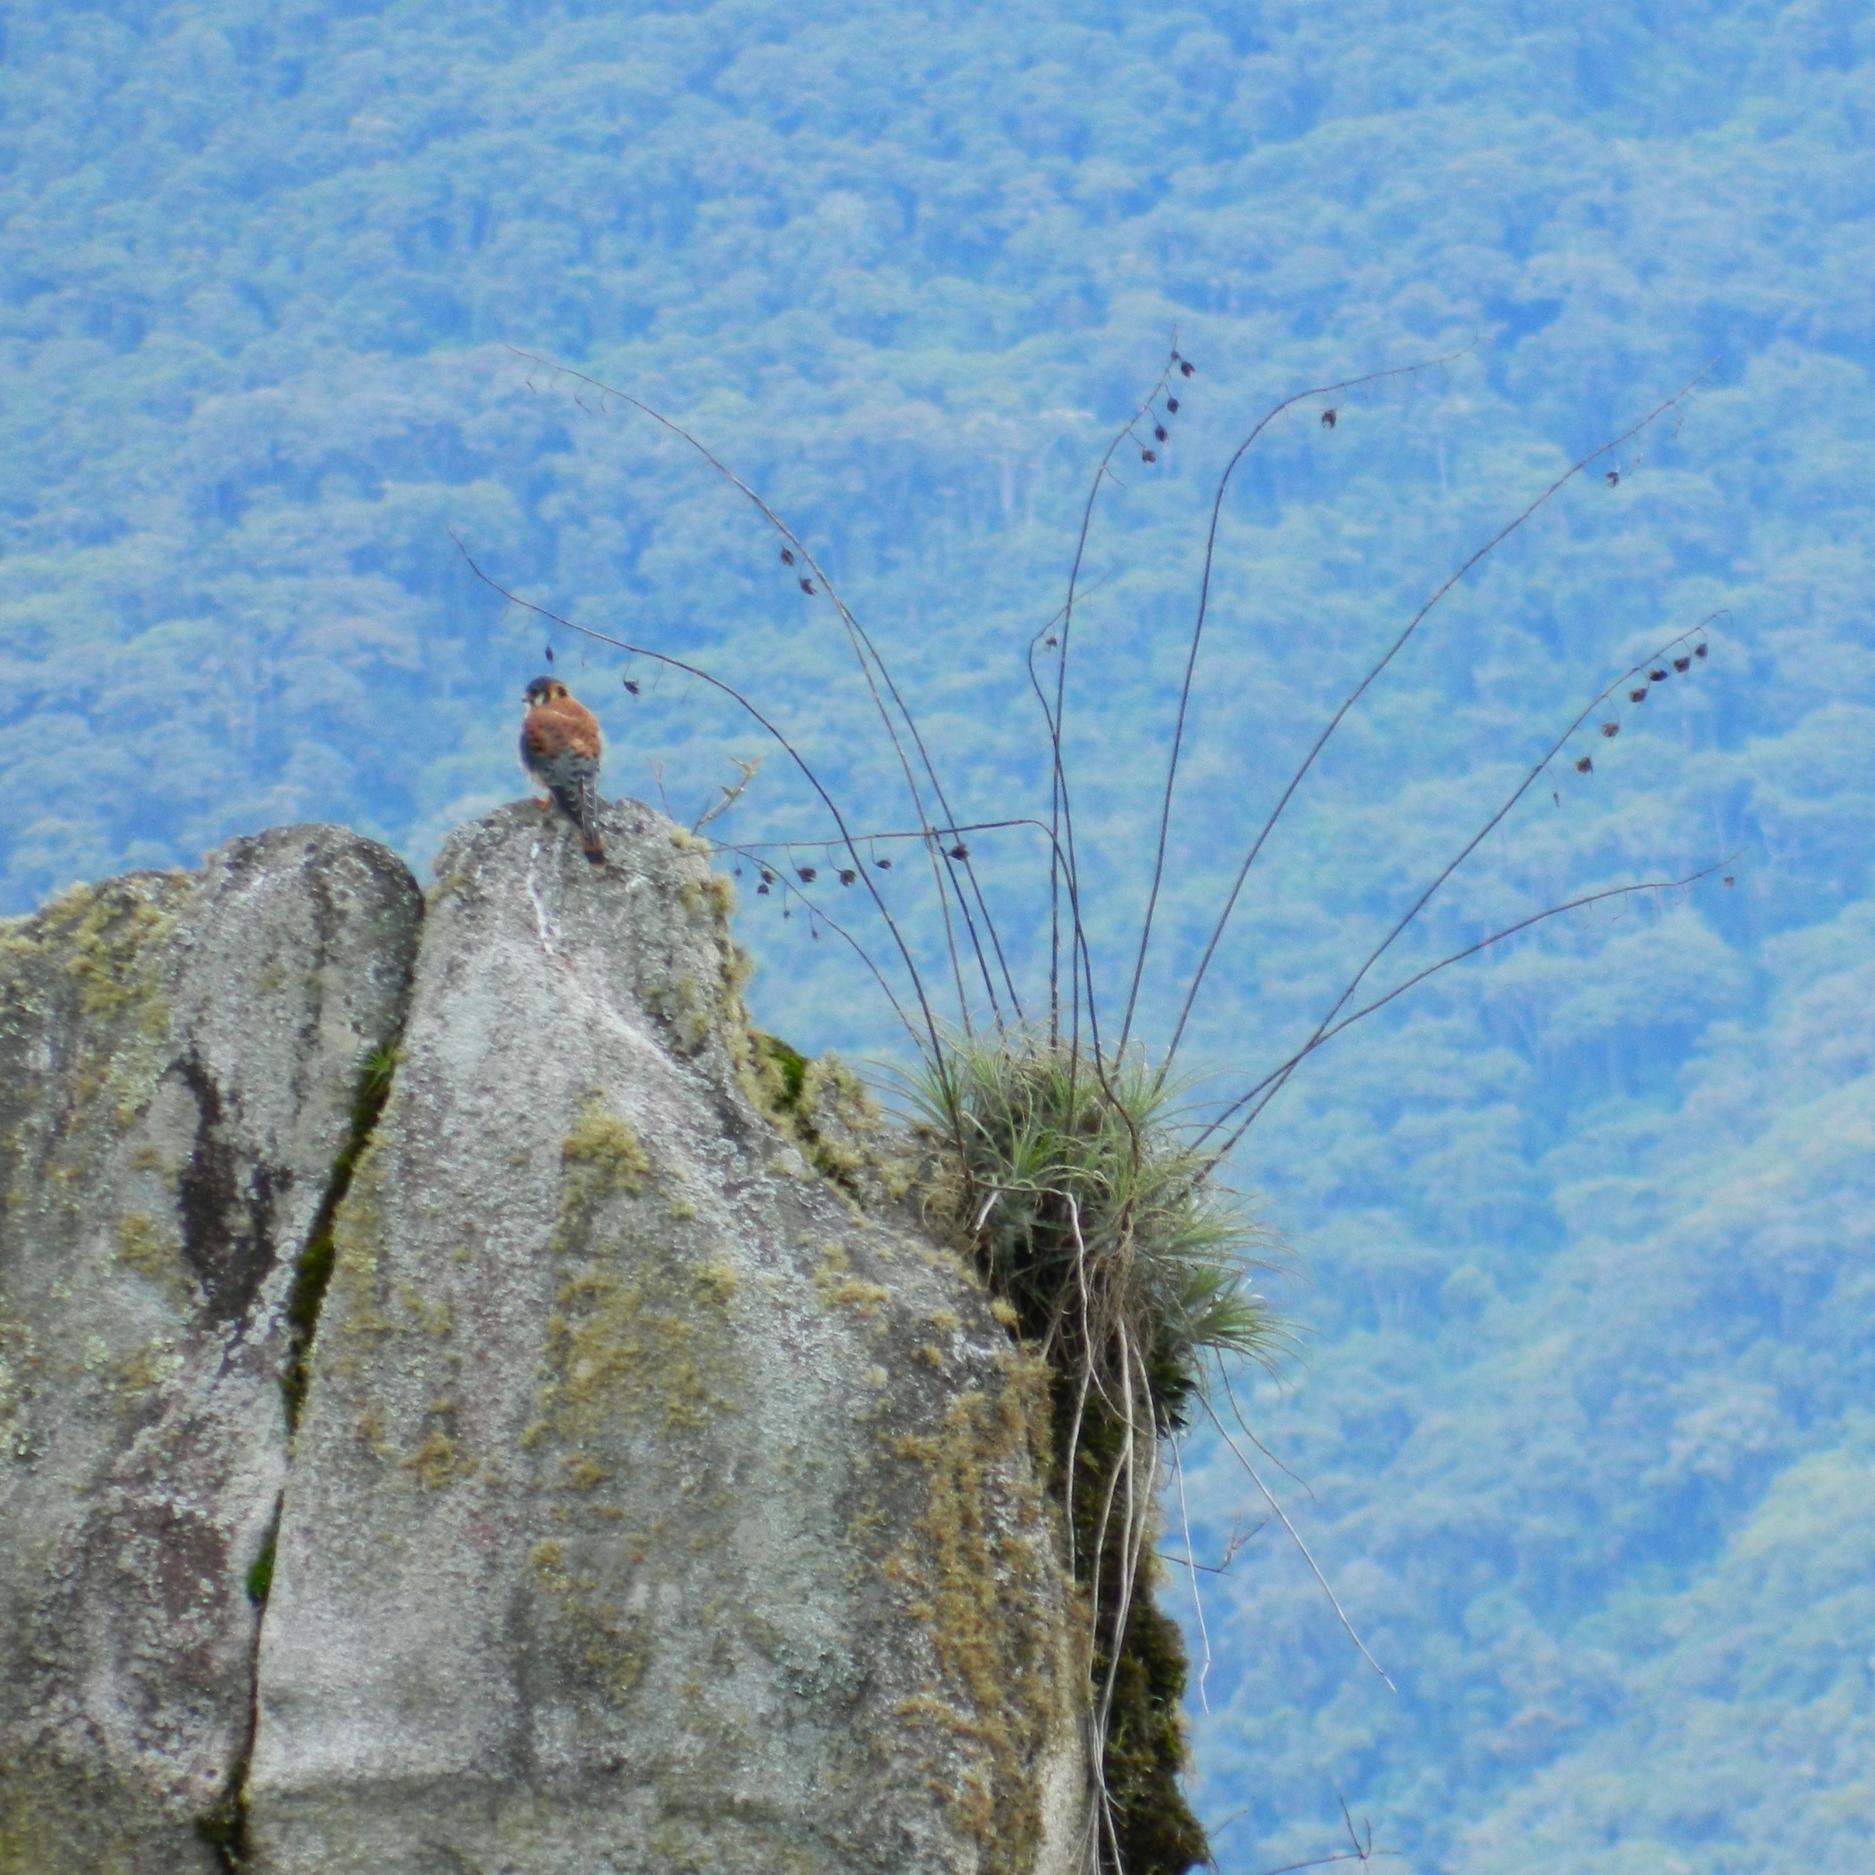 Un joven falcón posando para nuestro lente. Foto: Alejandro Rodz. Rojas